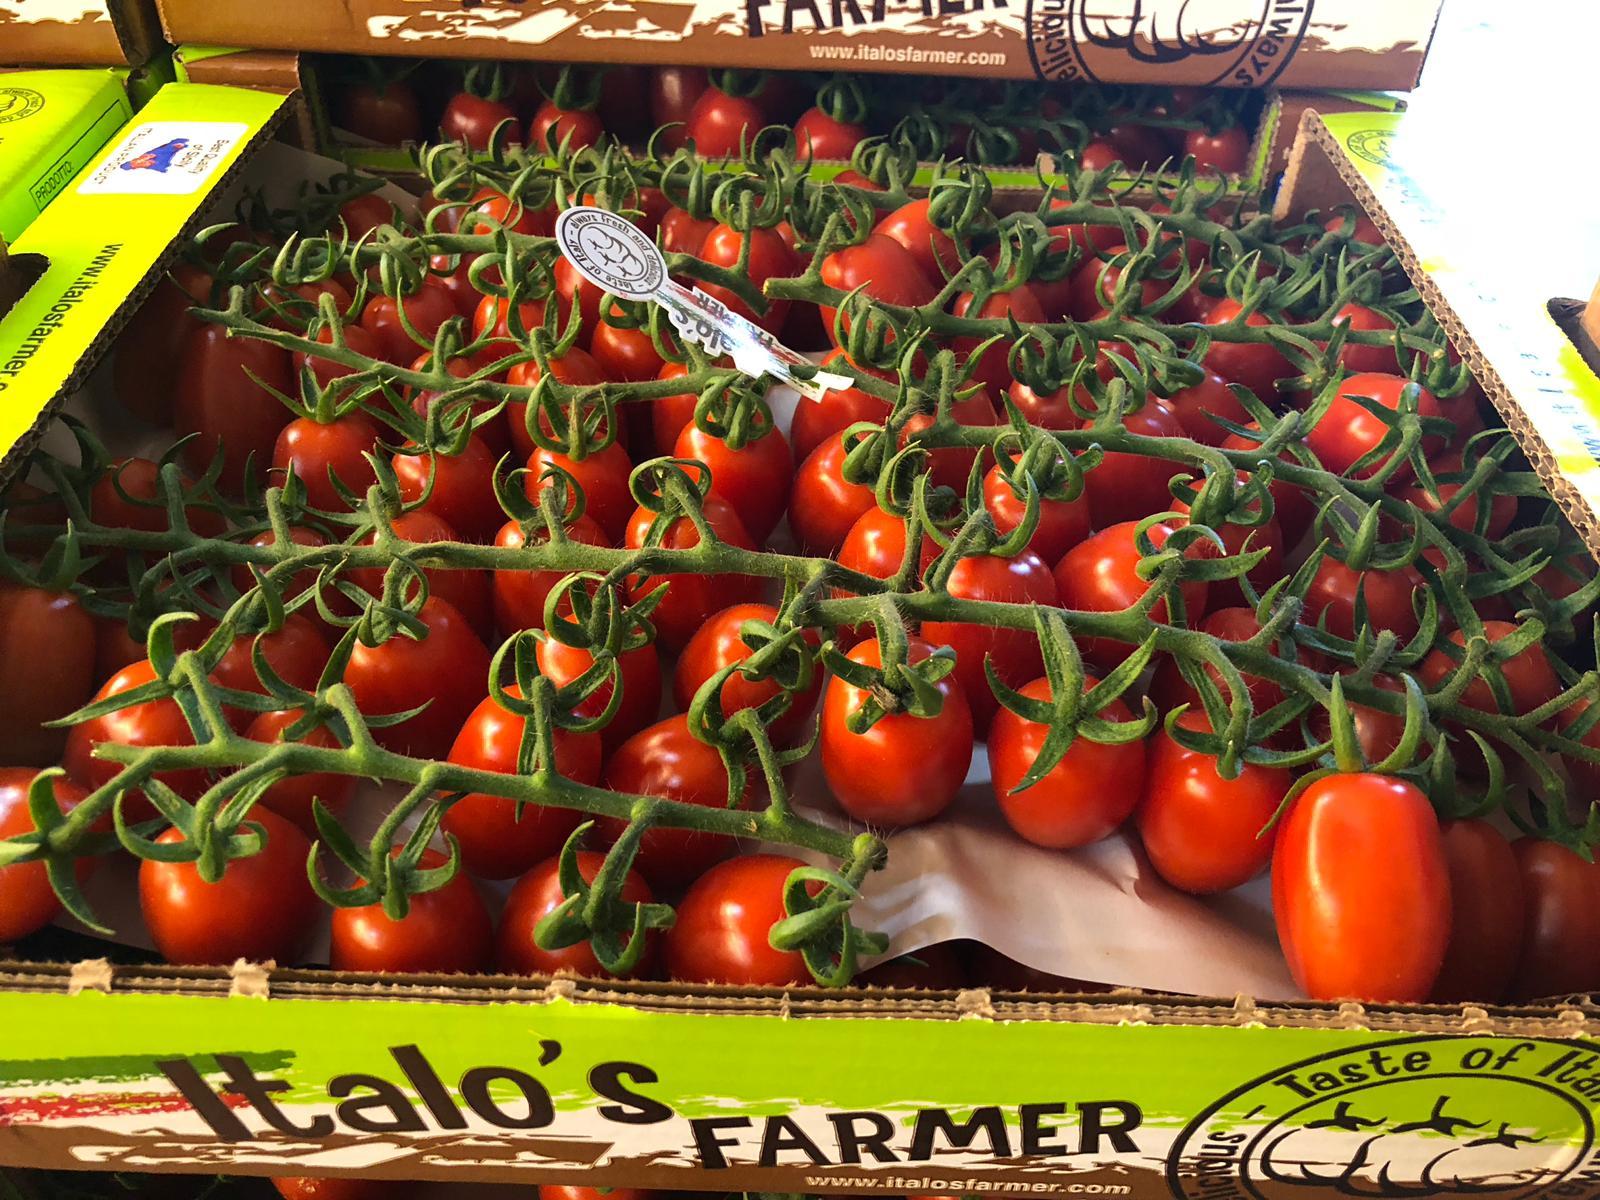 pomodoro Italo's Farmer